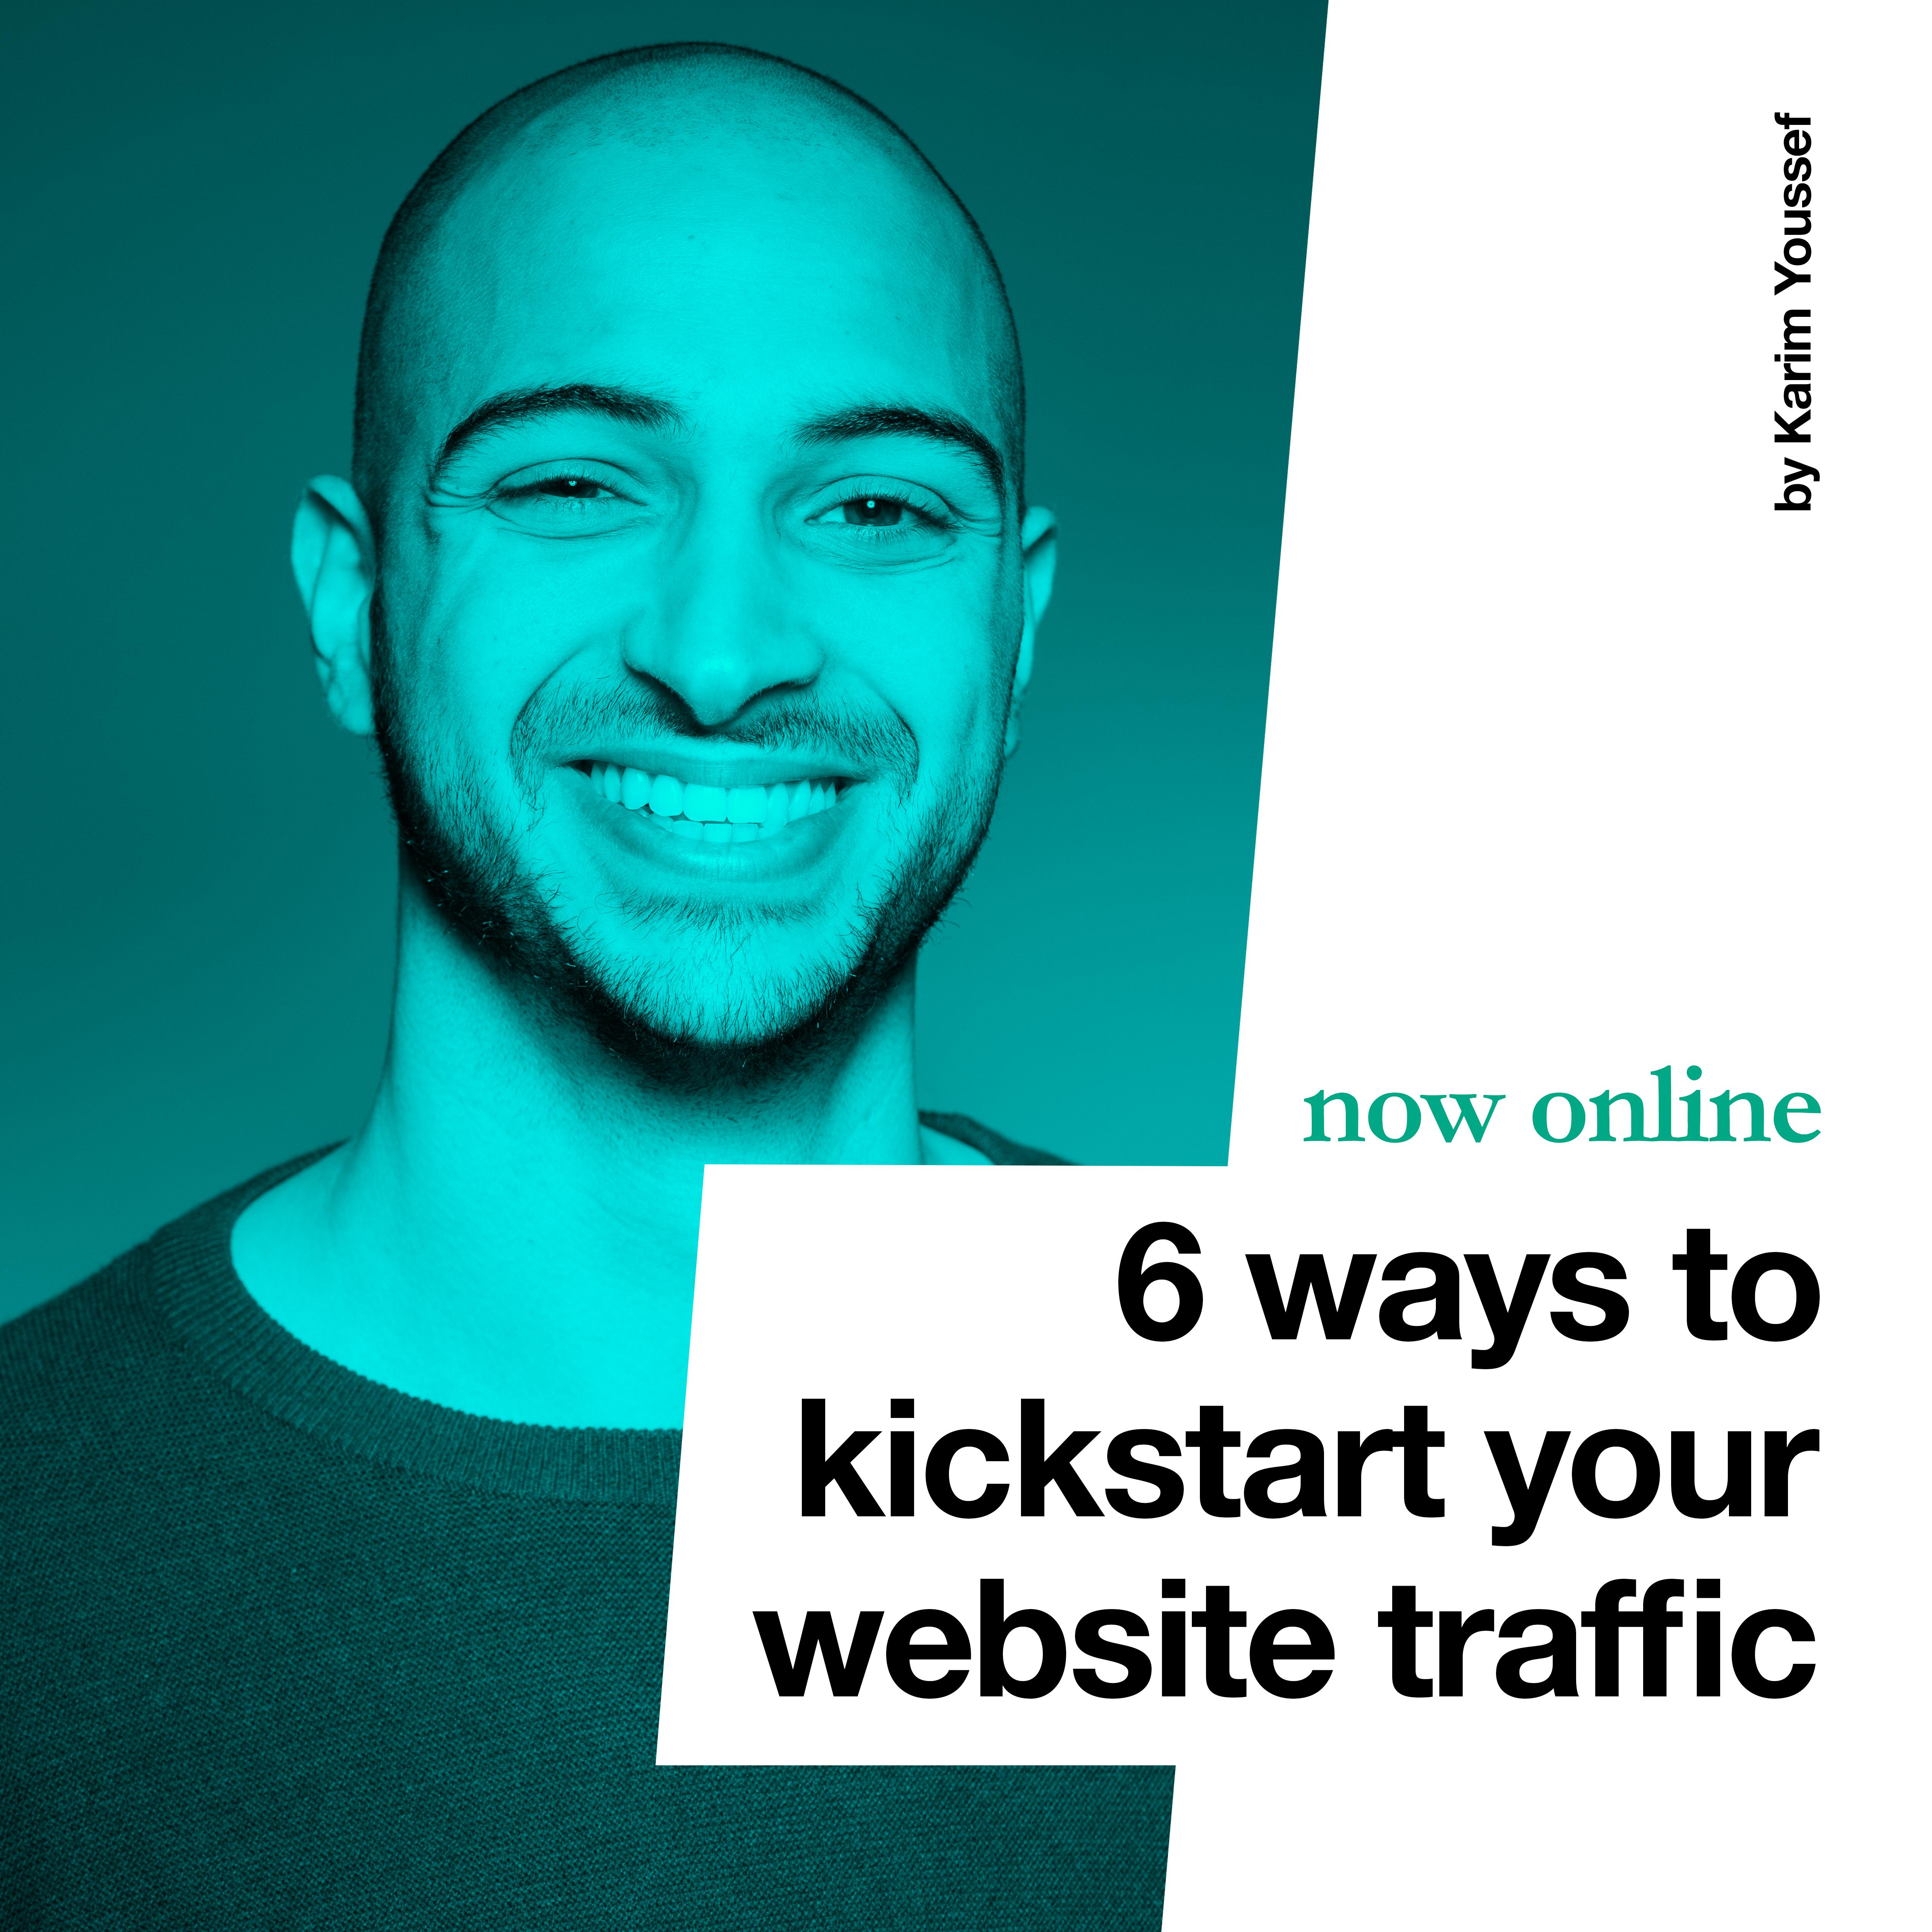 6 ways to kickstart your website traffic